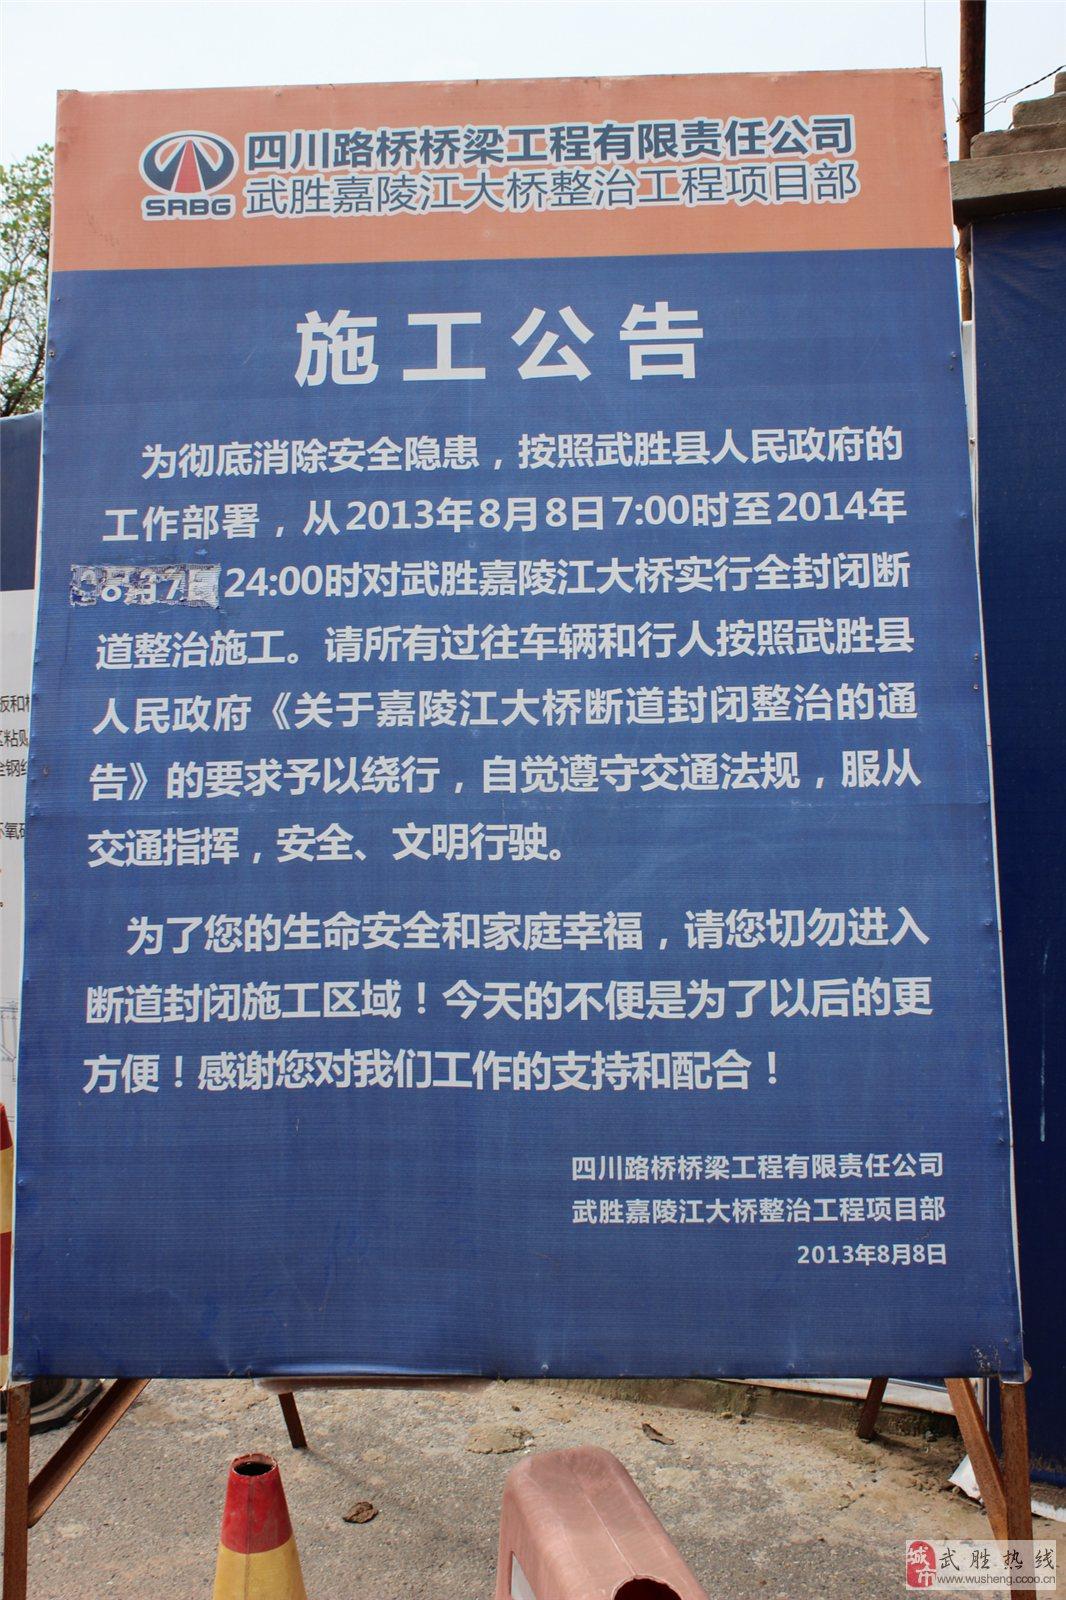 实拍武胜嘉陵江大桥最新施工进展图(组图)2014-9-20